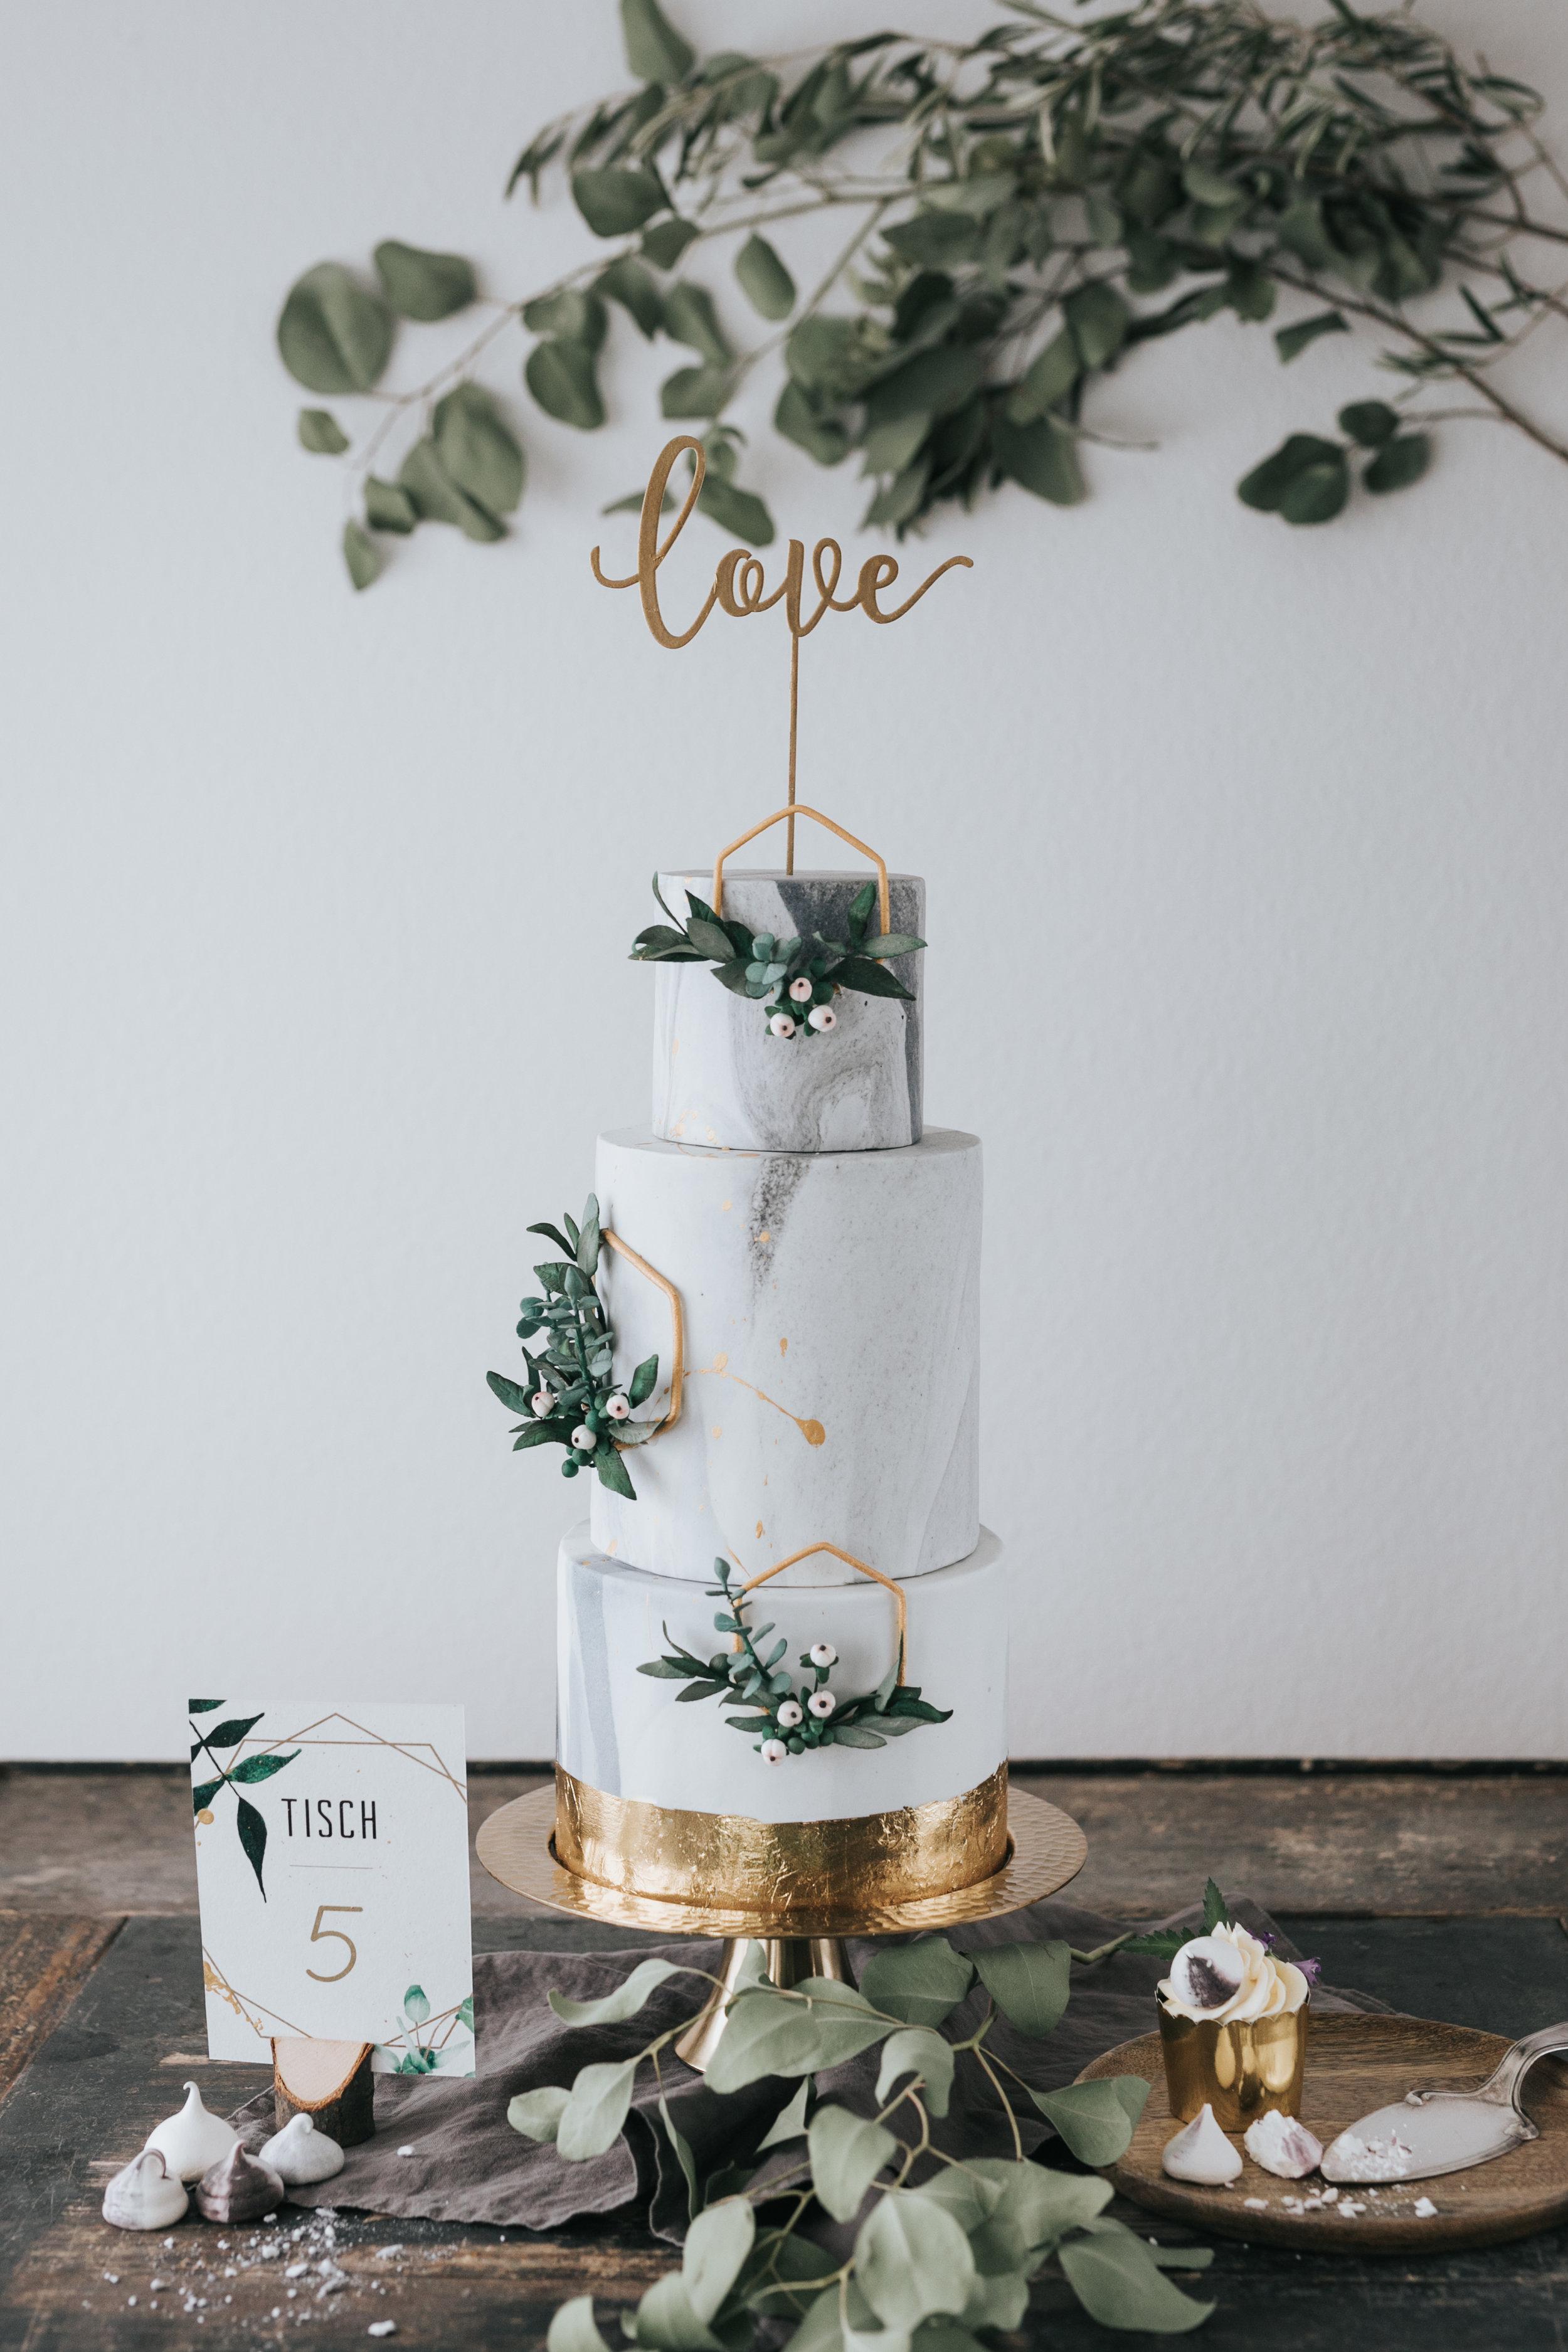 © Photo by Mary Fernandez Photography  - Hochzeitstorte mit Einladungskarte